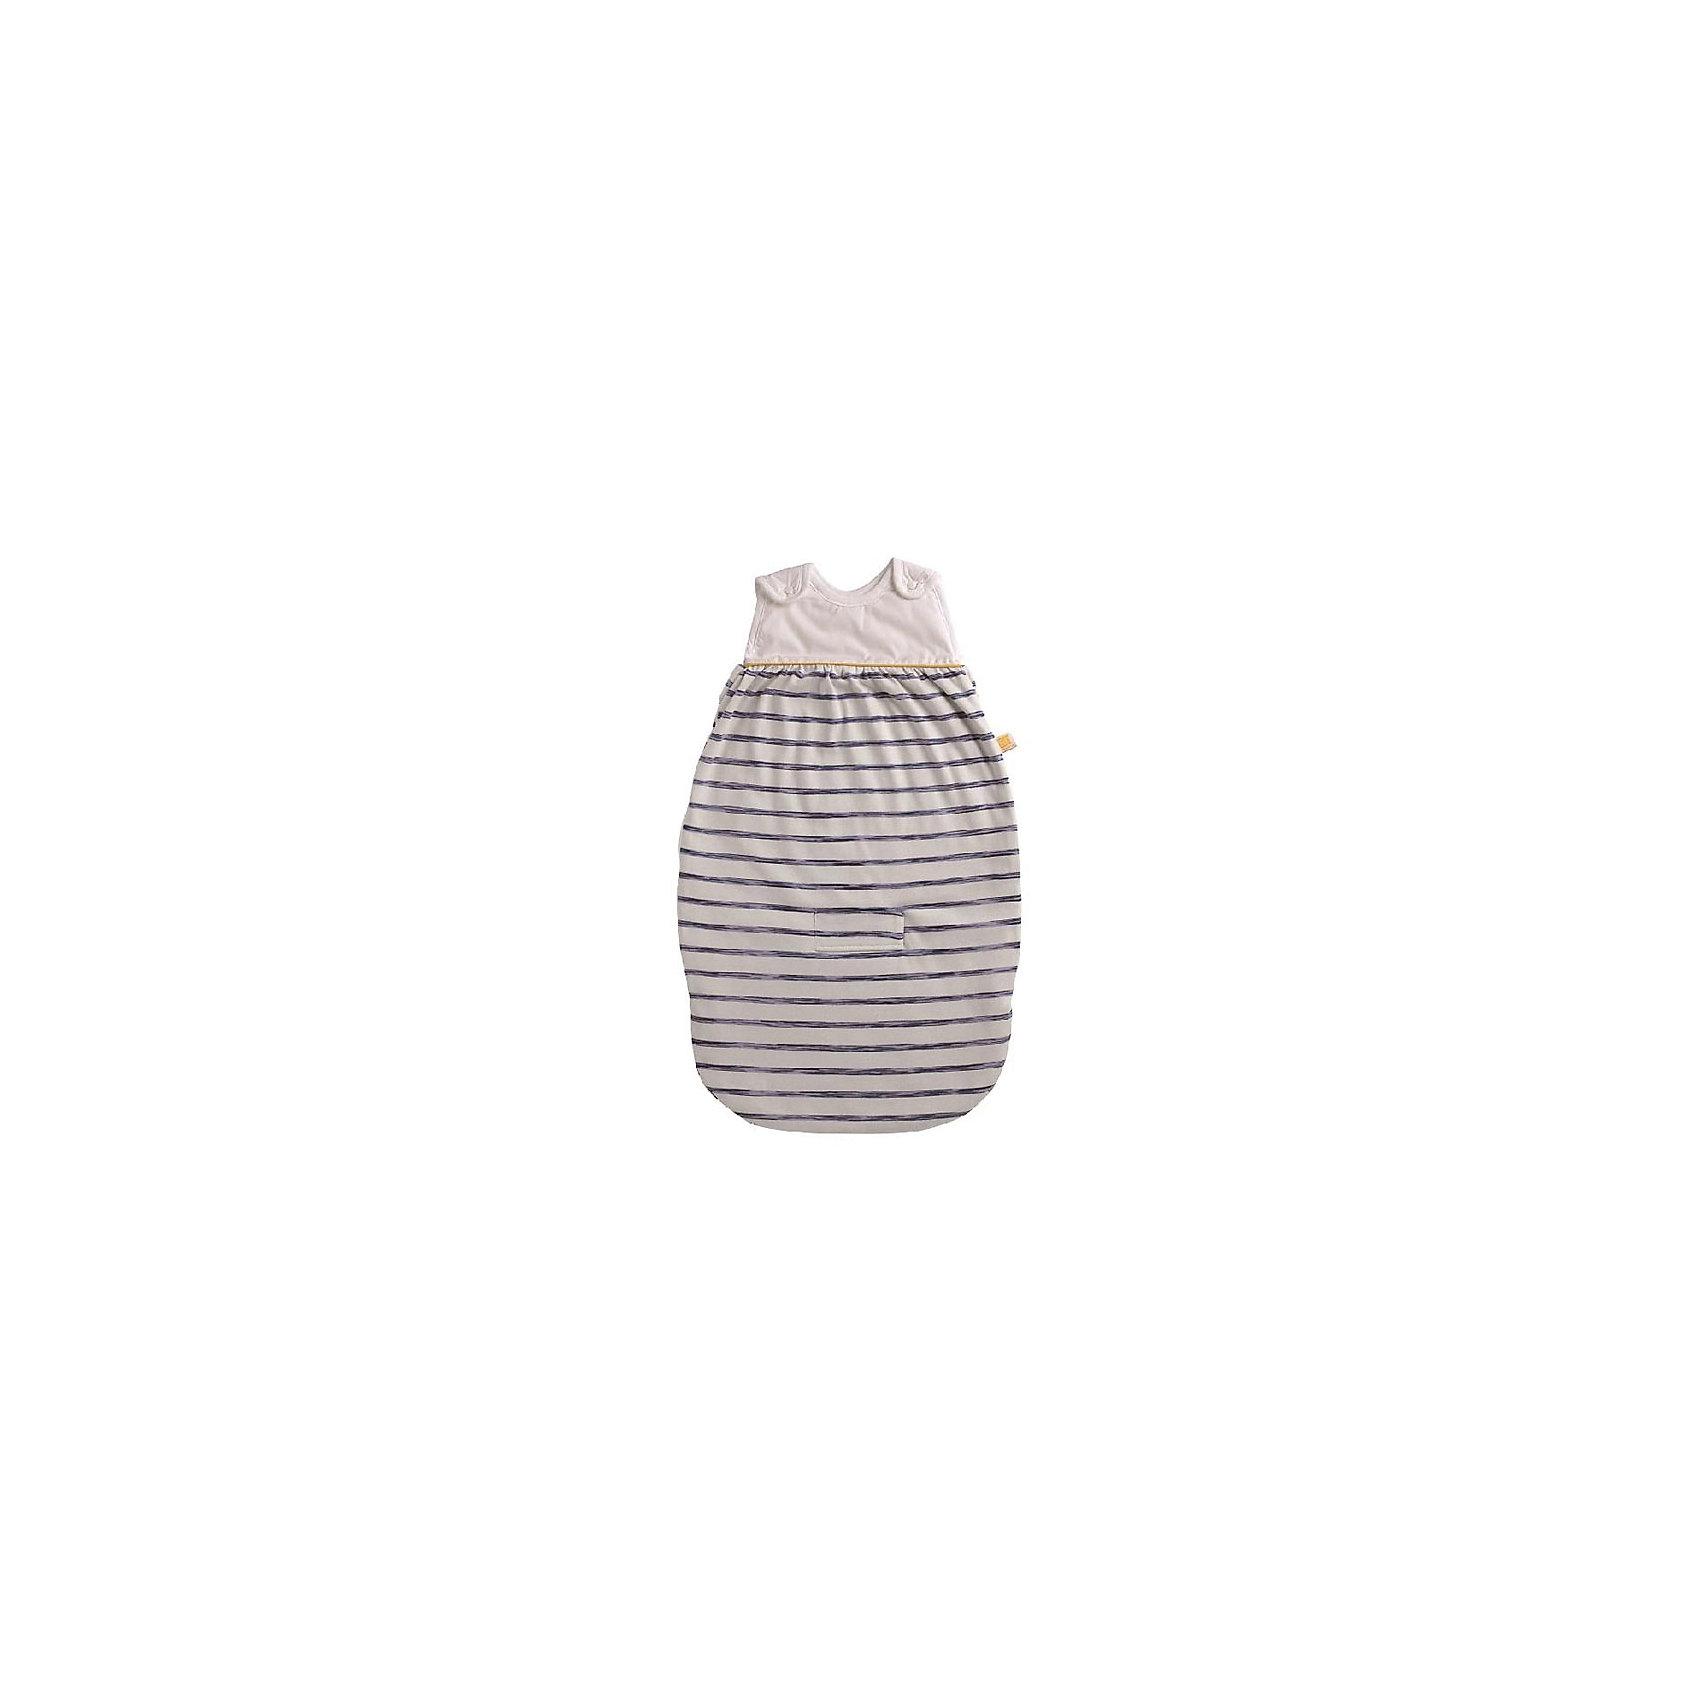 Спальный мешок детский TOG2 6-12m SAILOR, Red CastleТакой спальный мешок поможет уложить малыша с максимальным удобством. Эта модель тщательно проработана: отсутствие рукавов обеспечивает правильную циркуляцию воздуха и предотвратит перегрев. Потоки воздуха смогут свободно циркулировать, а при перегреве выходить наружу через вырезы для рук.<br>Длинная молния на спальном мешке облегчит процесс пеленания, а кнопки на плечах позволят отрегулировать размер под рост ребенка. Изделие произведено из качественных и безопасных для малышей материалов, оно соответствуют всем современным требованиям безопасности.<br> <br>Дополнительная информация:<br><br>цвет: белый;<br>материал: хлопок, полиэстер;<br>два уровня регулировки длины с помощью кнопок;<br>длинная молния;<br>отсутствие рукавов обеспечивает циркуляцию воздуха;<br>размеры: 6-12 месяцев;<br>уход: машинная стирка.<br><br>Спальный мешок детский TOG2 6-12m SAILOR от компании Red Castle можно купить в нашем магазине.<br><br>Ширина мм: 400<br>Глубина мм: 400<br>Высота мм: 150<br>Вес г: 550<br>Возраст от месяцев: 6<br>Возраст до месяцев: 144<br>Пол: Унисекс<br>Возраст: Детский<br>SKU: 4731995